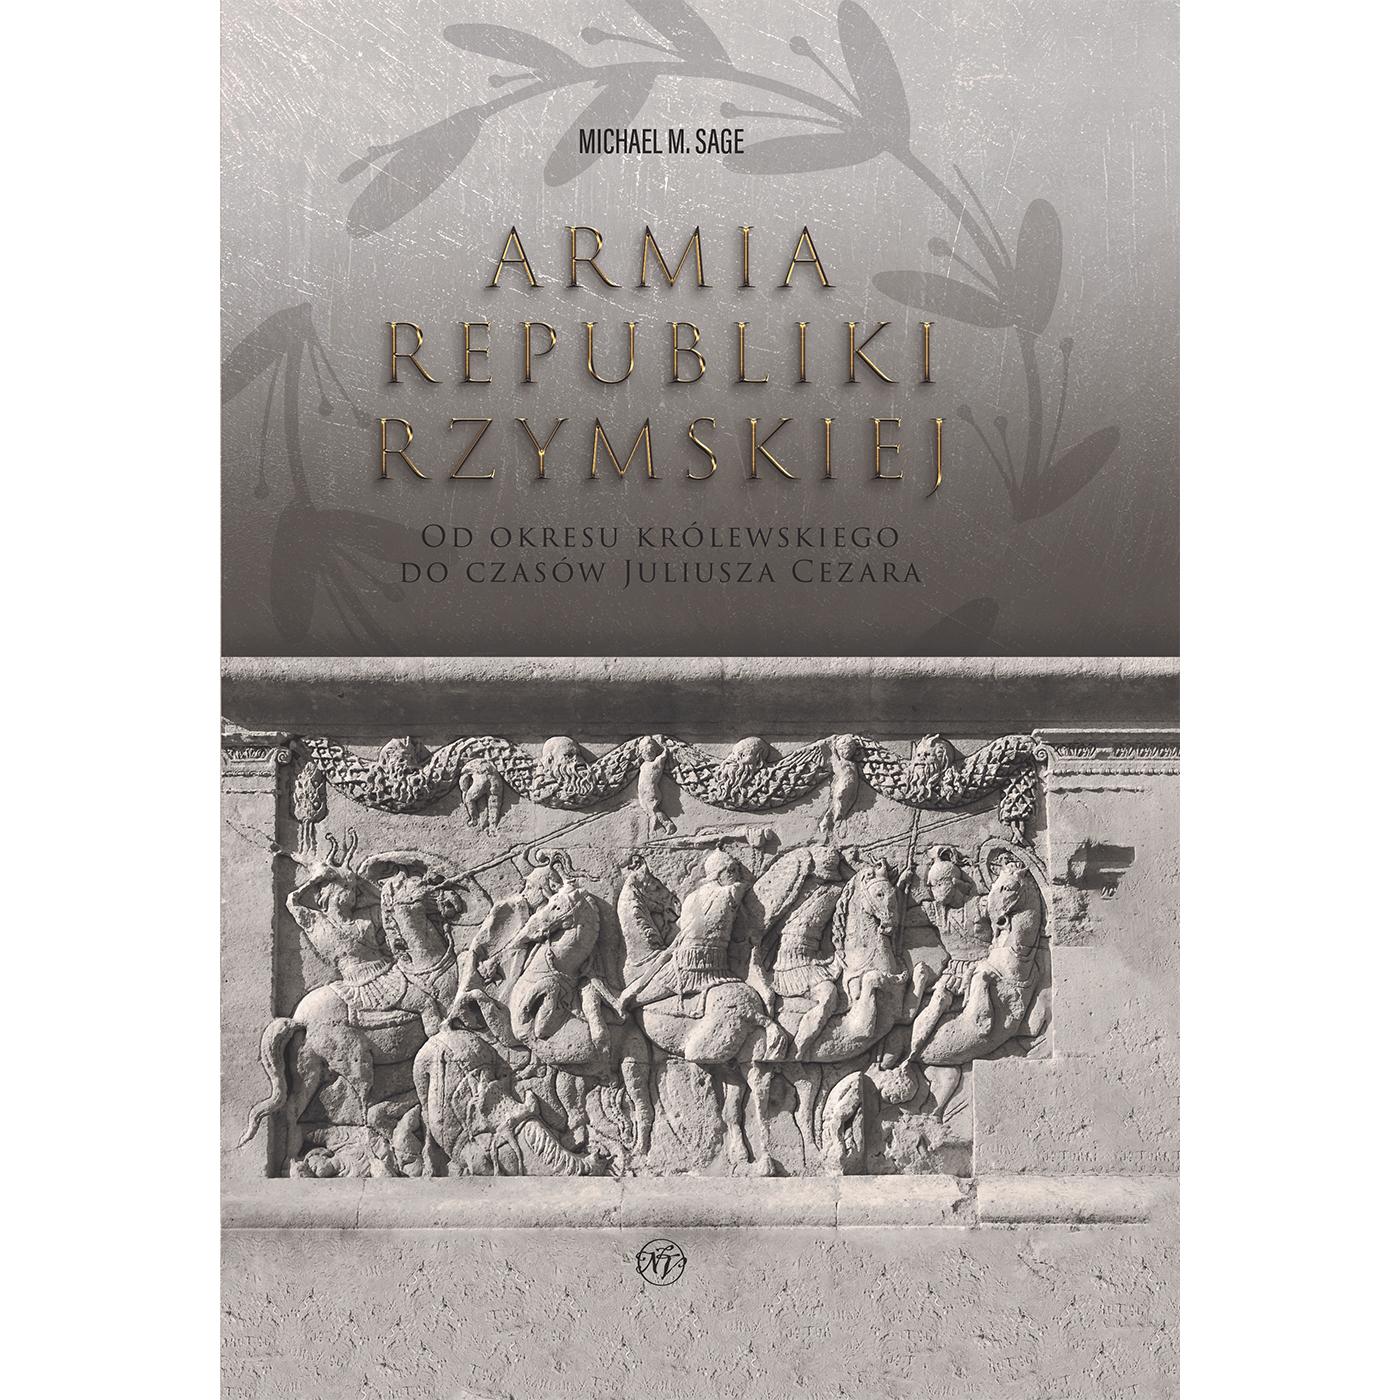 Armia republiki rzymskiej. Od okresu królewskiego do czasów Juliusza Cezara